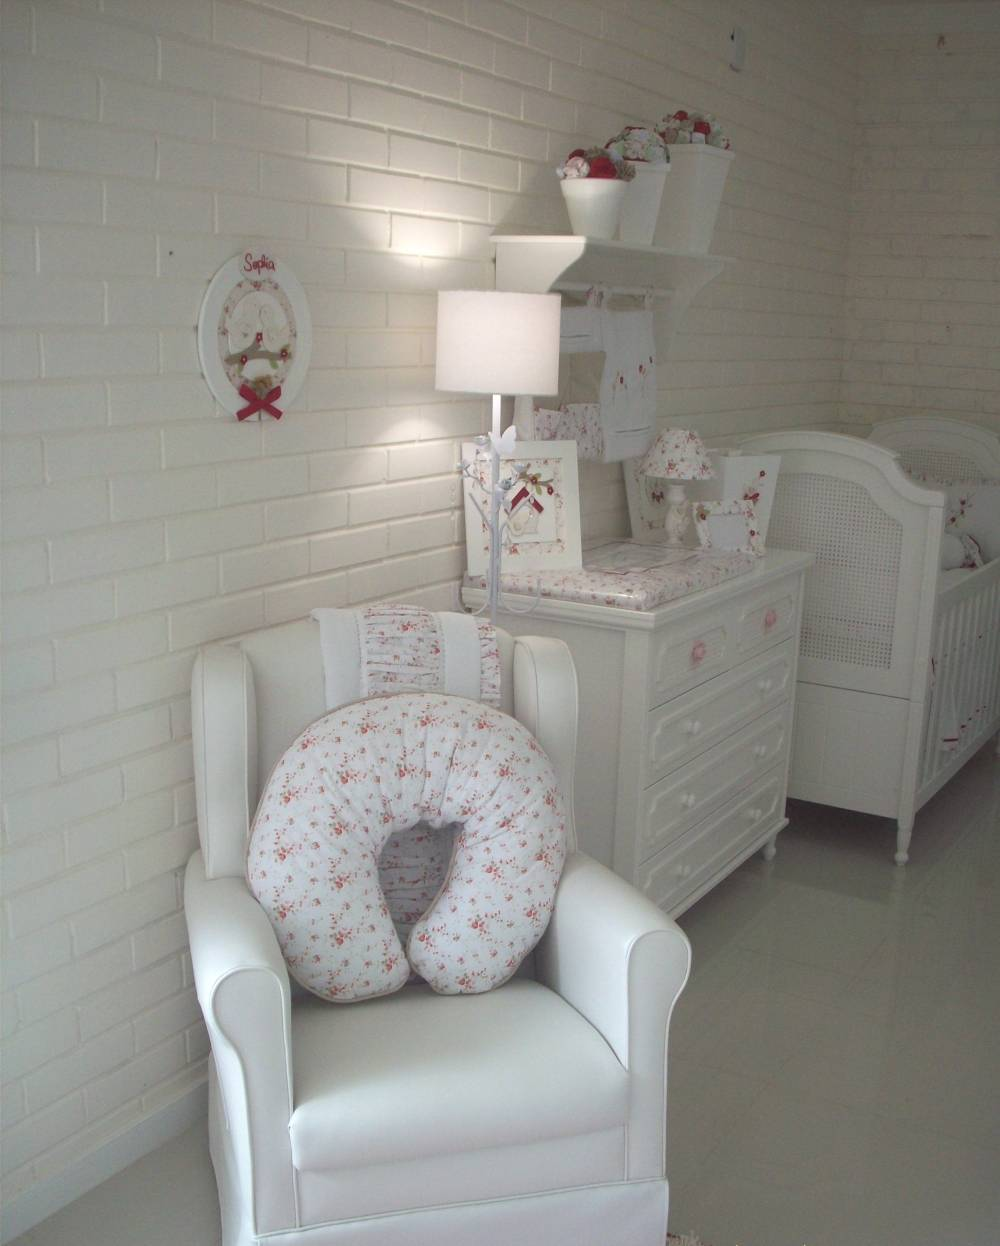 Decoração de Quarto de Bebê em Apartamento Pequeno no Jardim São Luiz - Decoração de Quarto de Bebê Simples